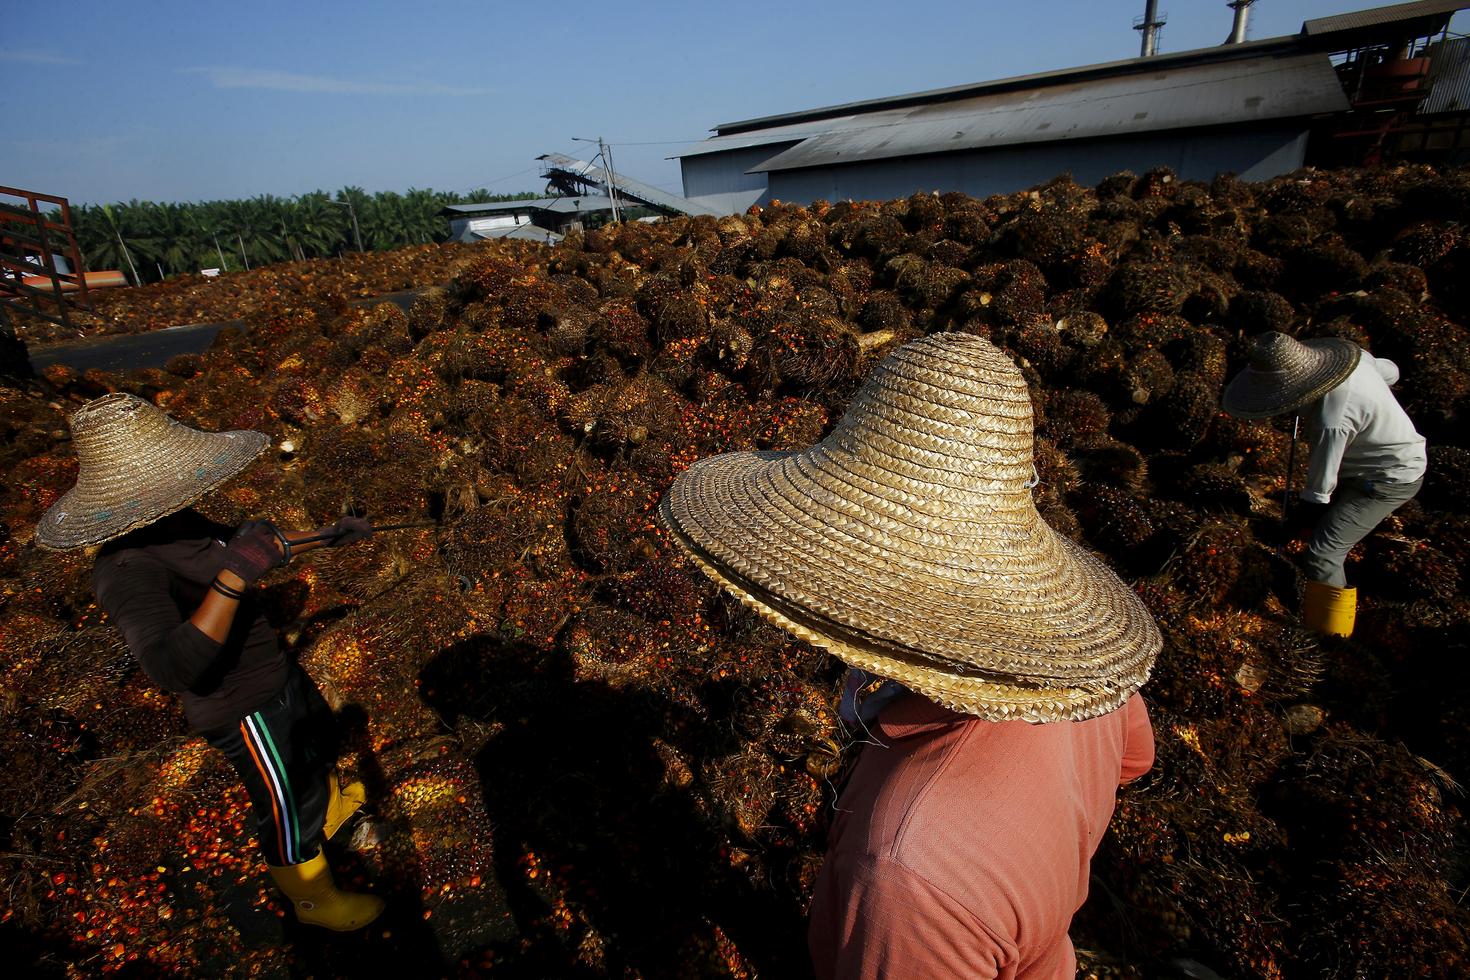 Proizvodnja palminog ulja u tvornici izvan Kuala Lumpura. Indonezija i Malezija su među glavnim svjetskim proizvođačima, a EU nameće restrikcije na uvoz iz tih zemalja